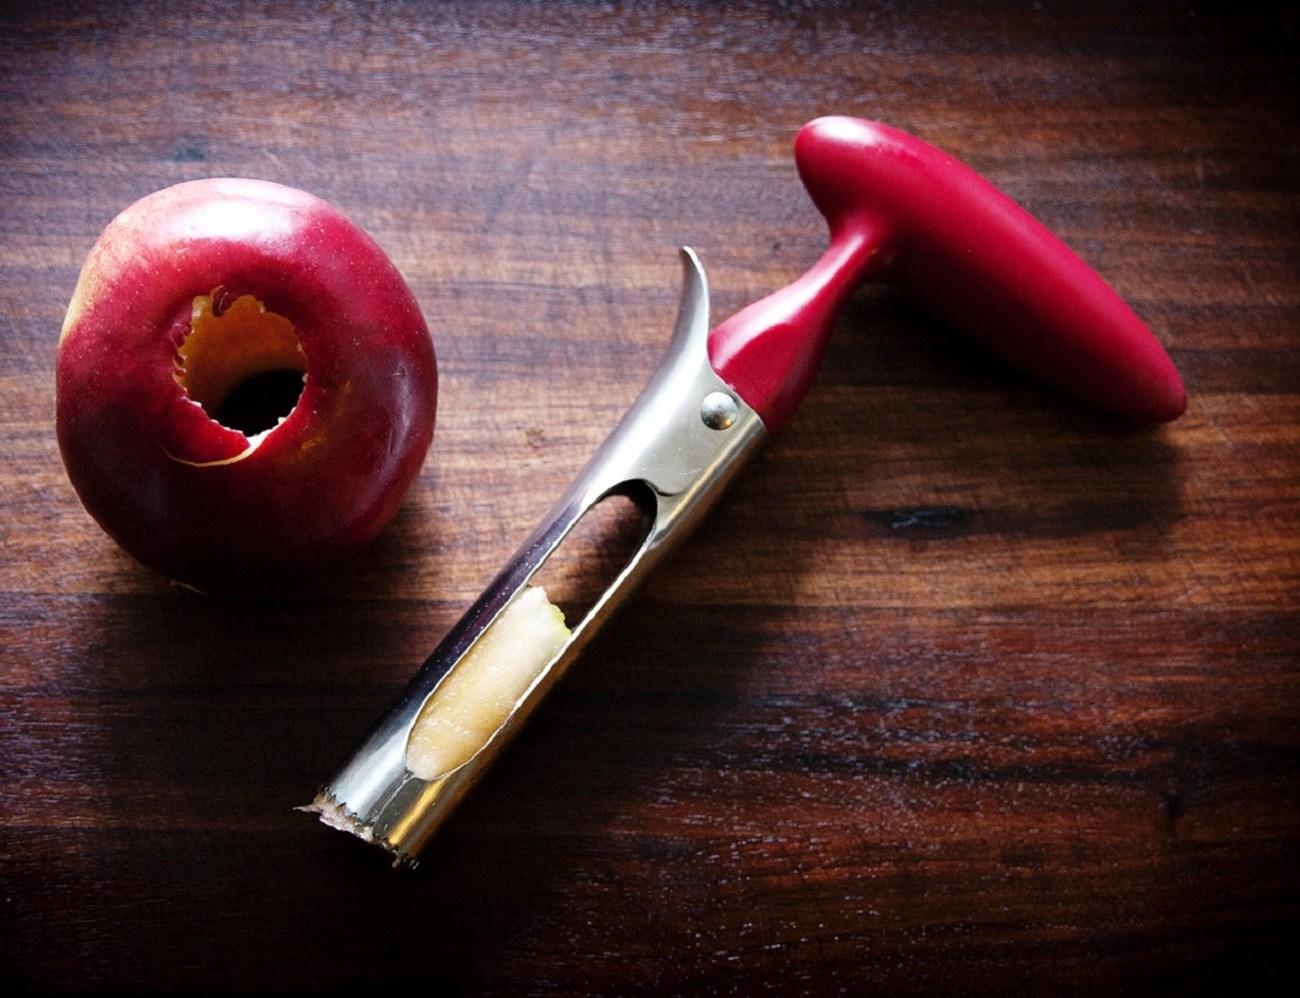 Приспособление для удаления сердцевины из яблока - Варенье из яблок Рецепты варенья из яблок. Всё